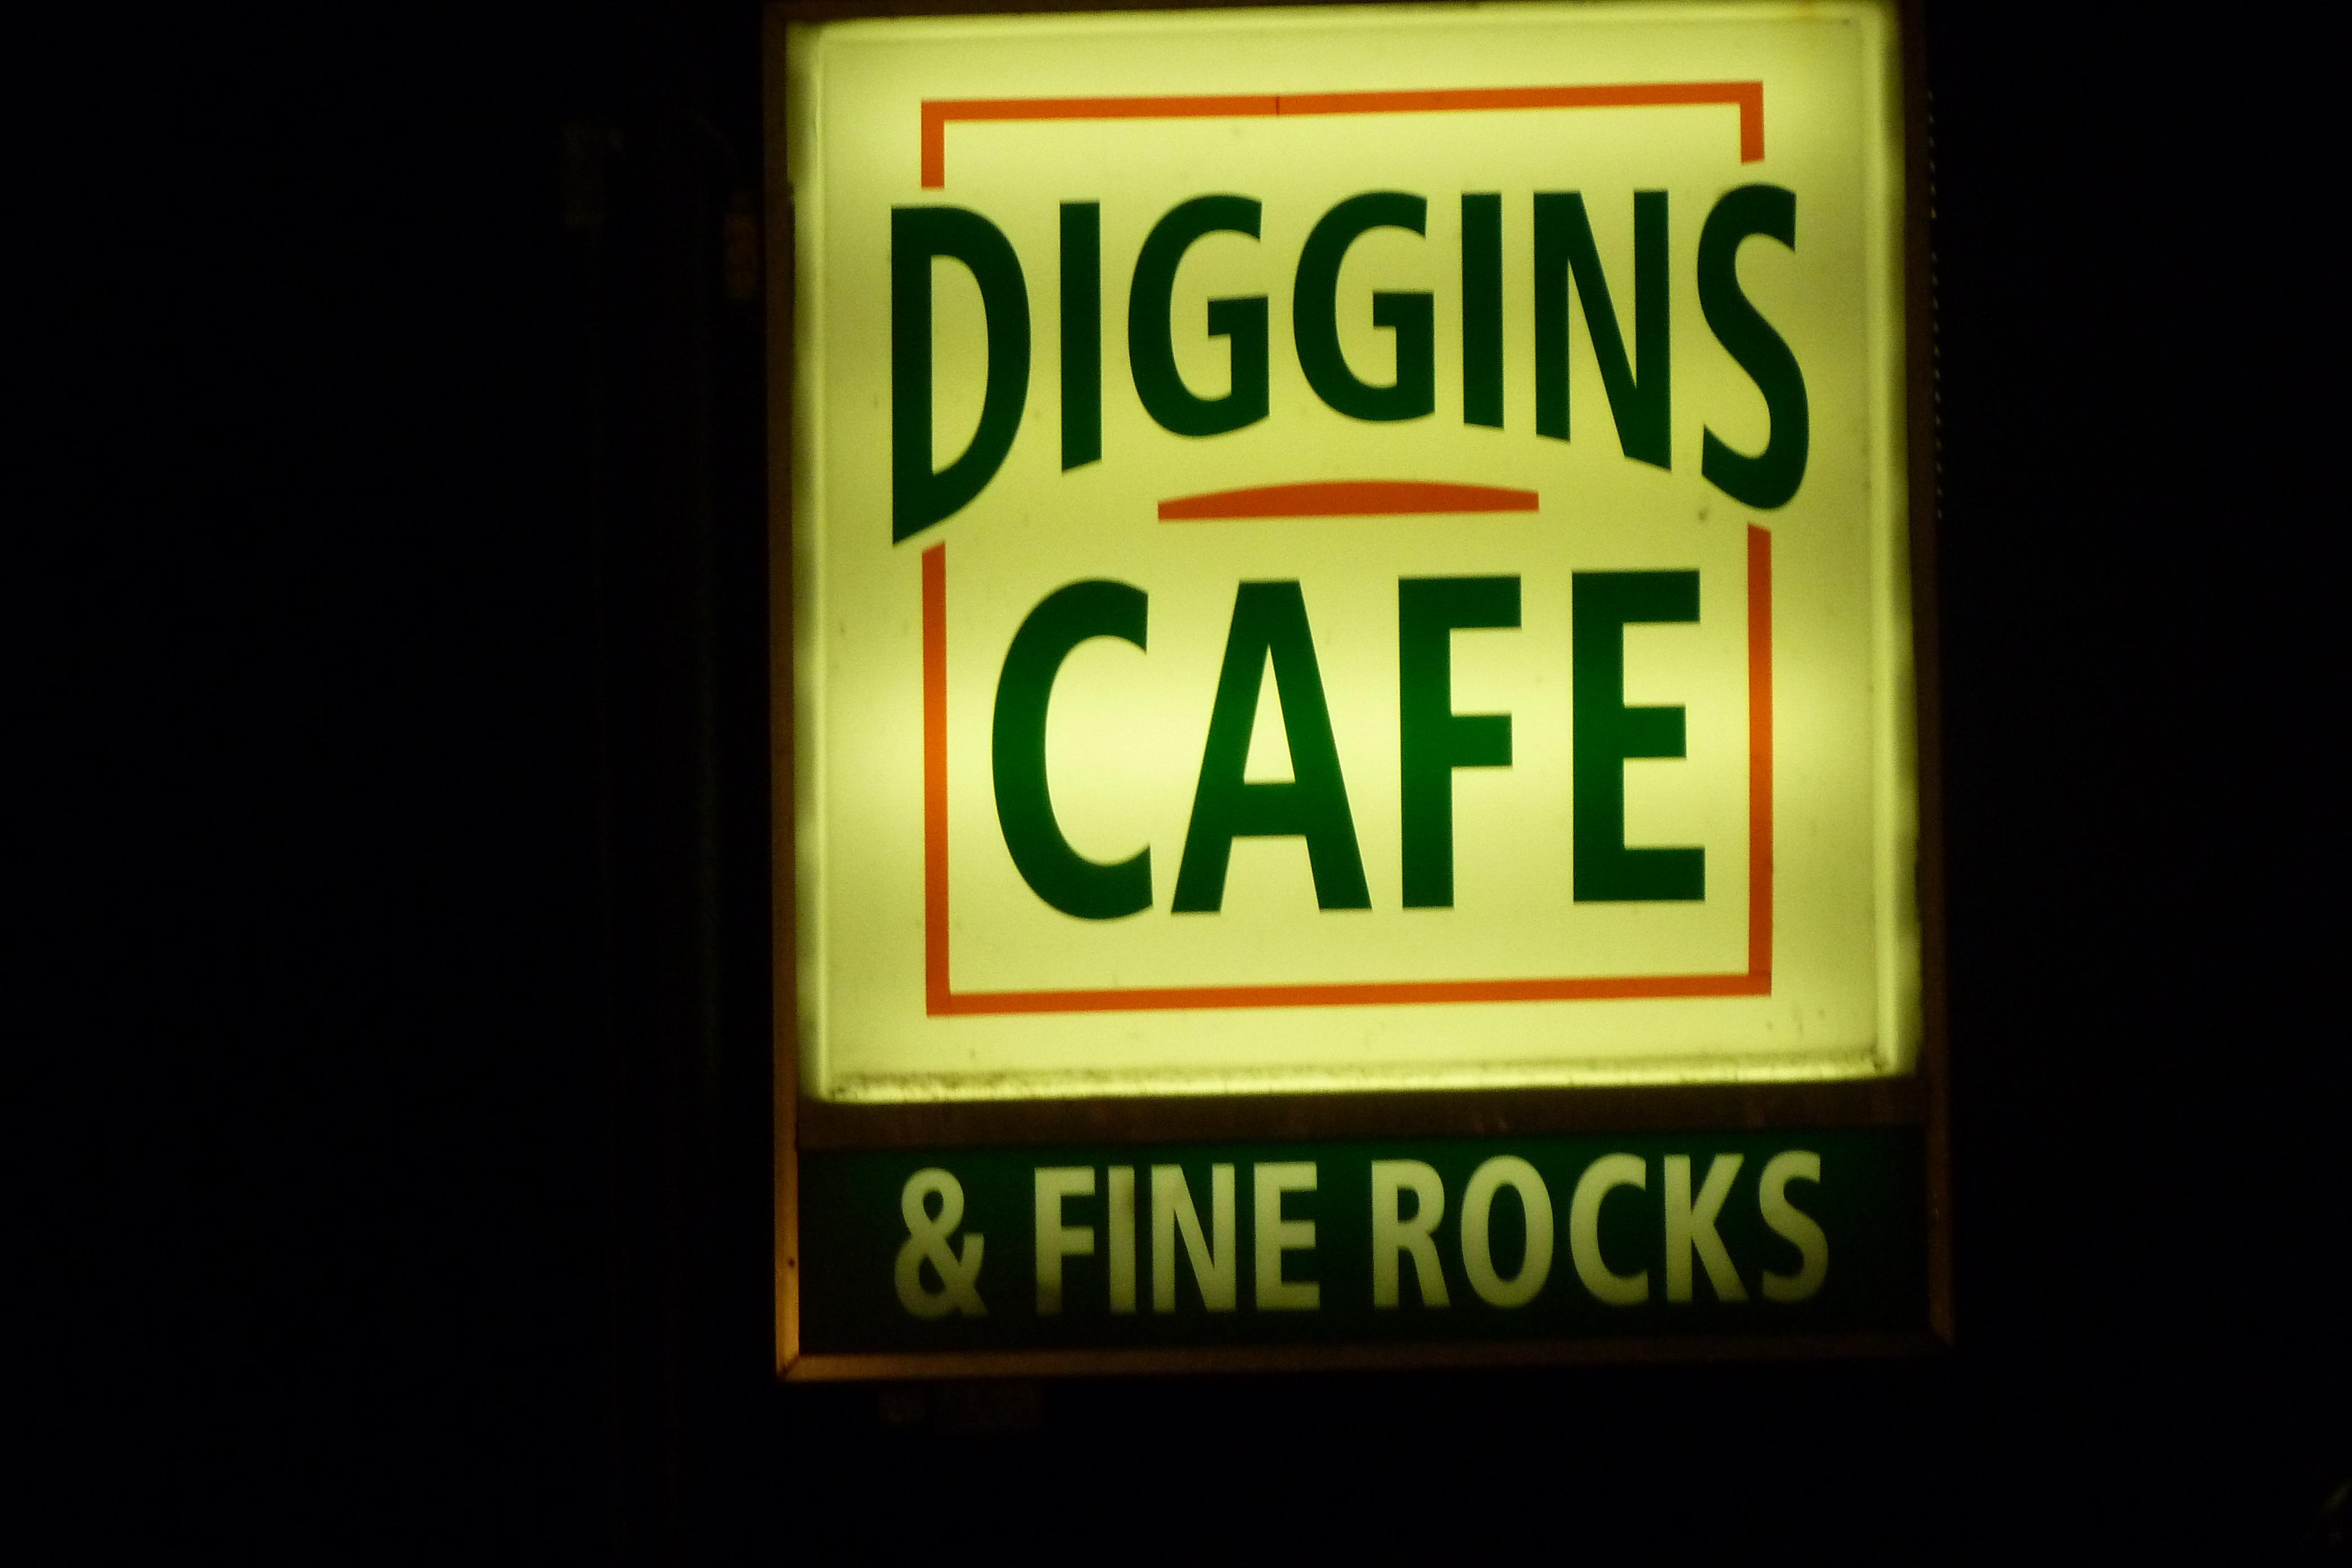 Diggins Cafe and Fine Rocks Kewaunee